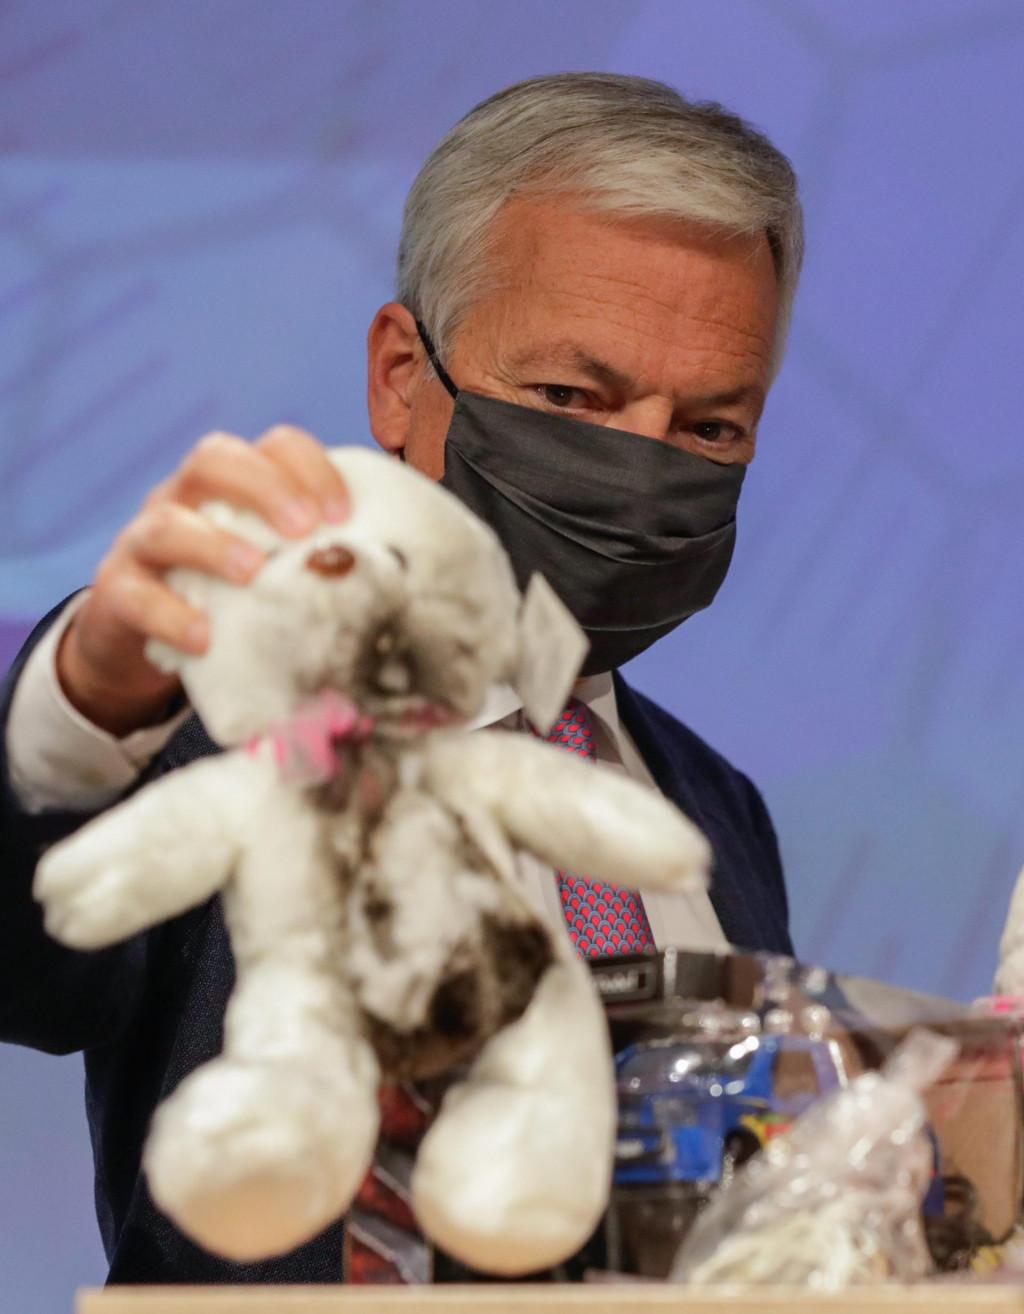 Didier Reynders iz Europske komisije pokazuje na konferenciji u Bruxellesu opasne proizvode među igračkama